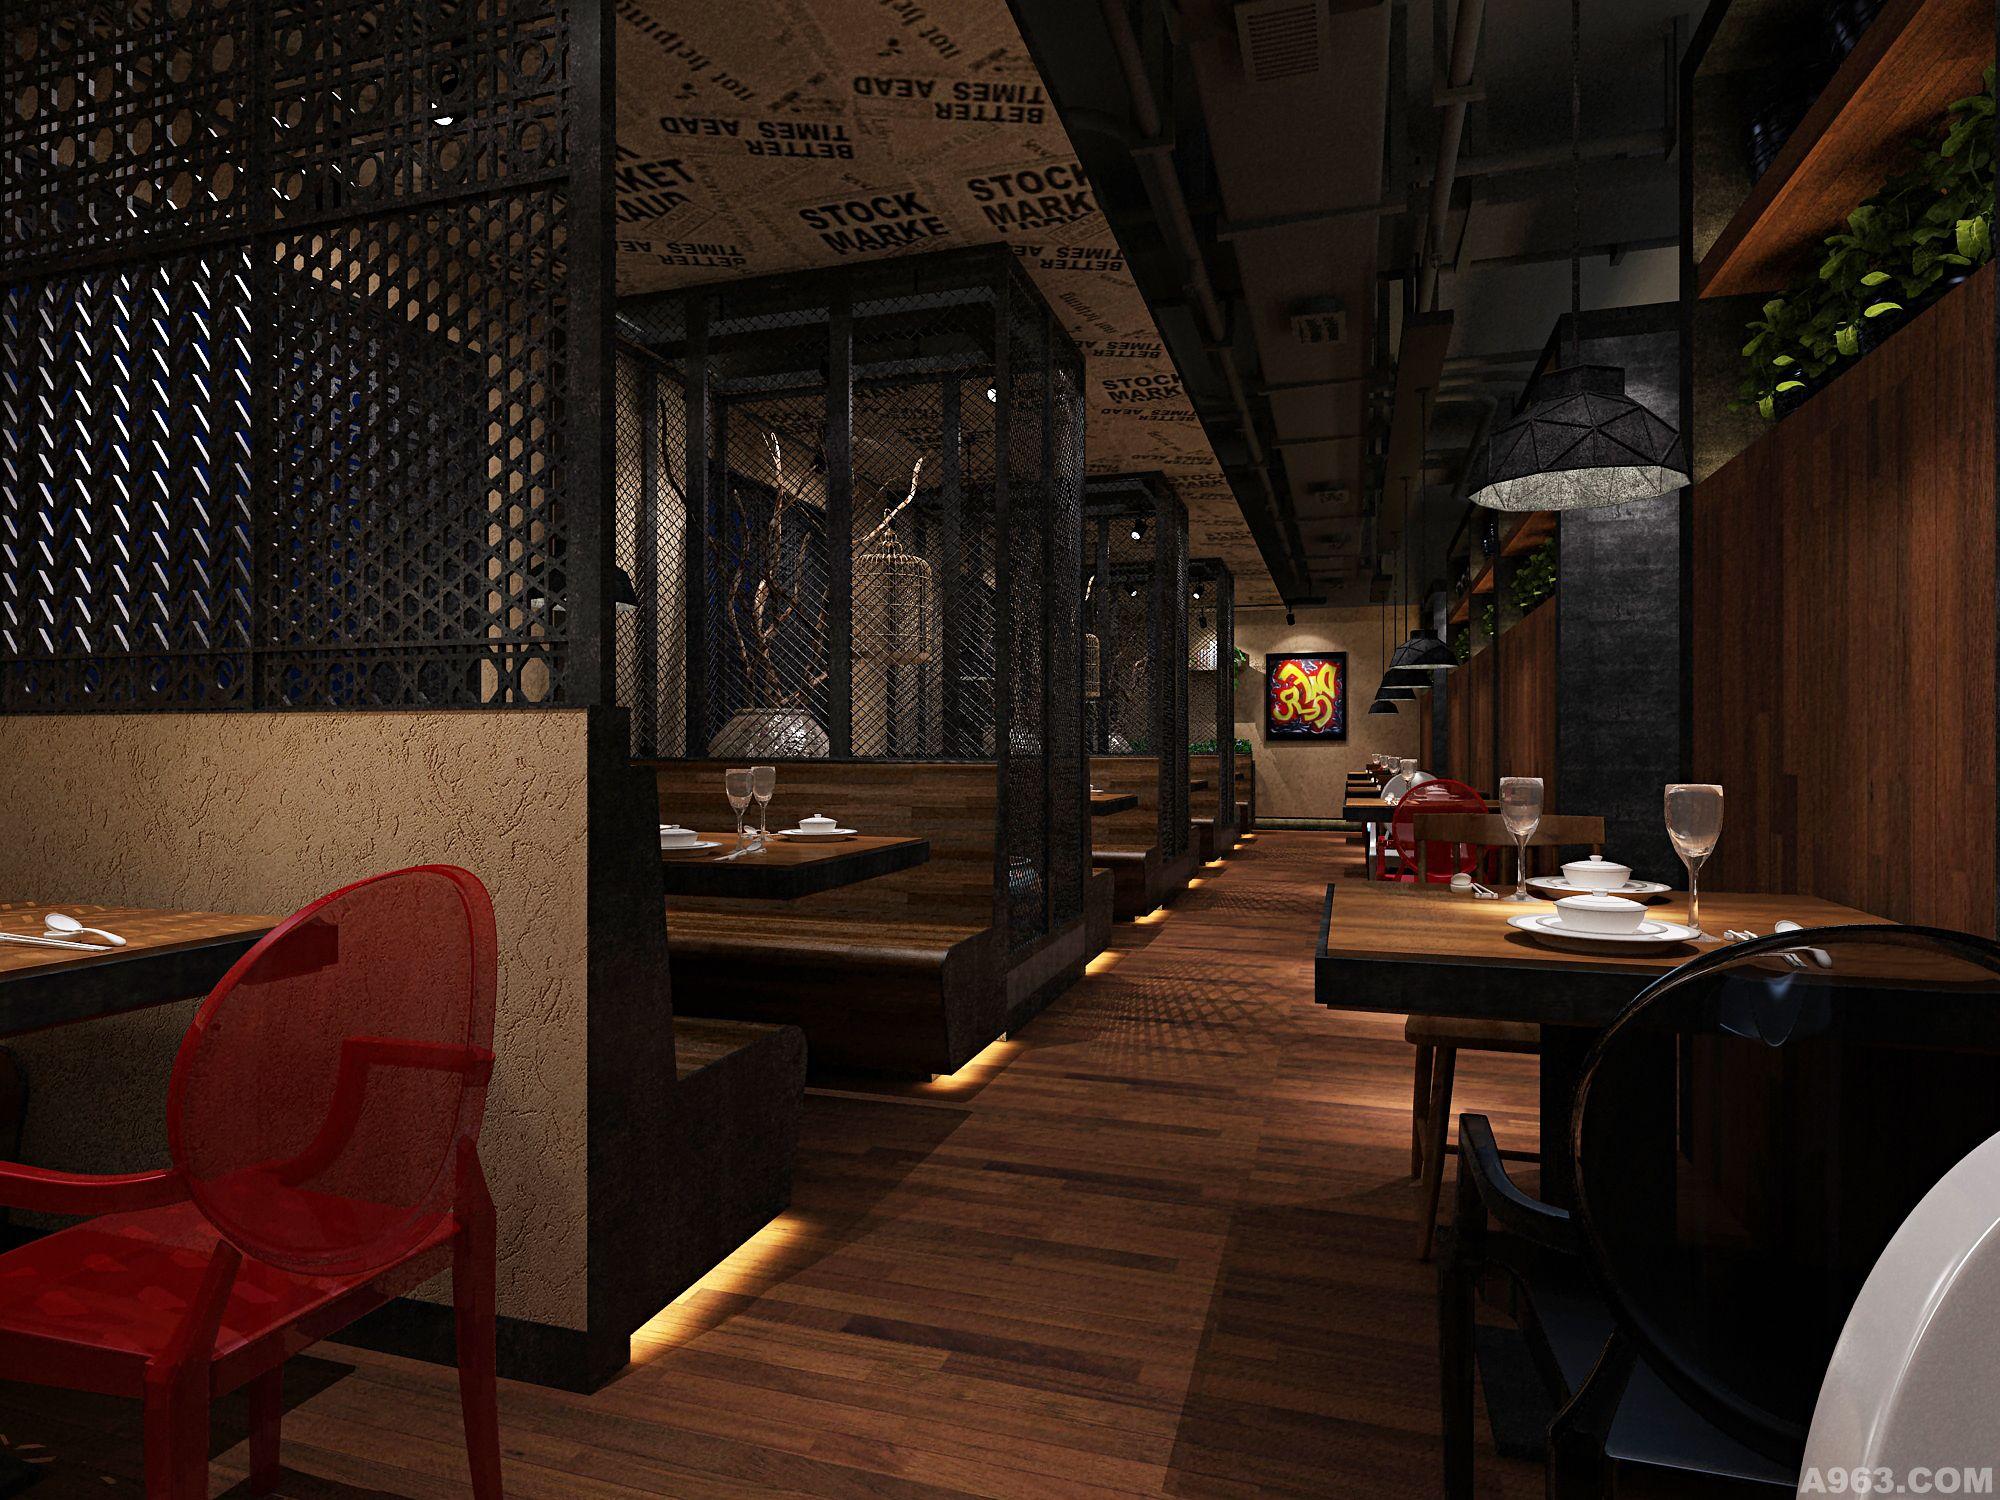 洛阳汝阳味道餐厅 - 上海餐饮空间设计作品 – 方案